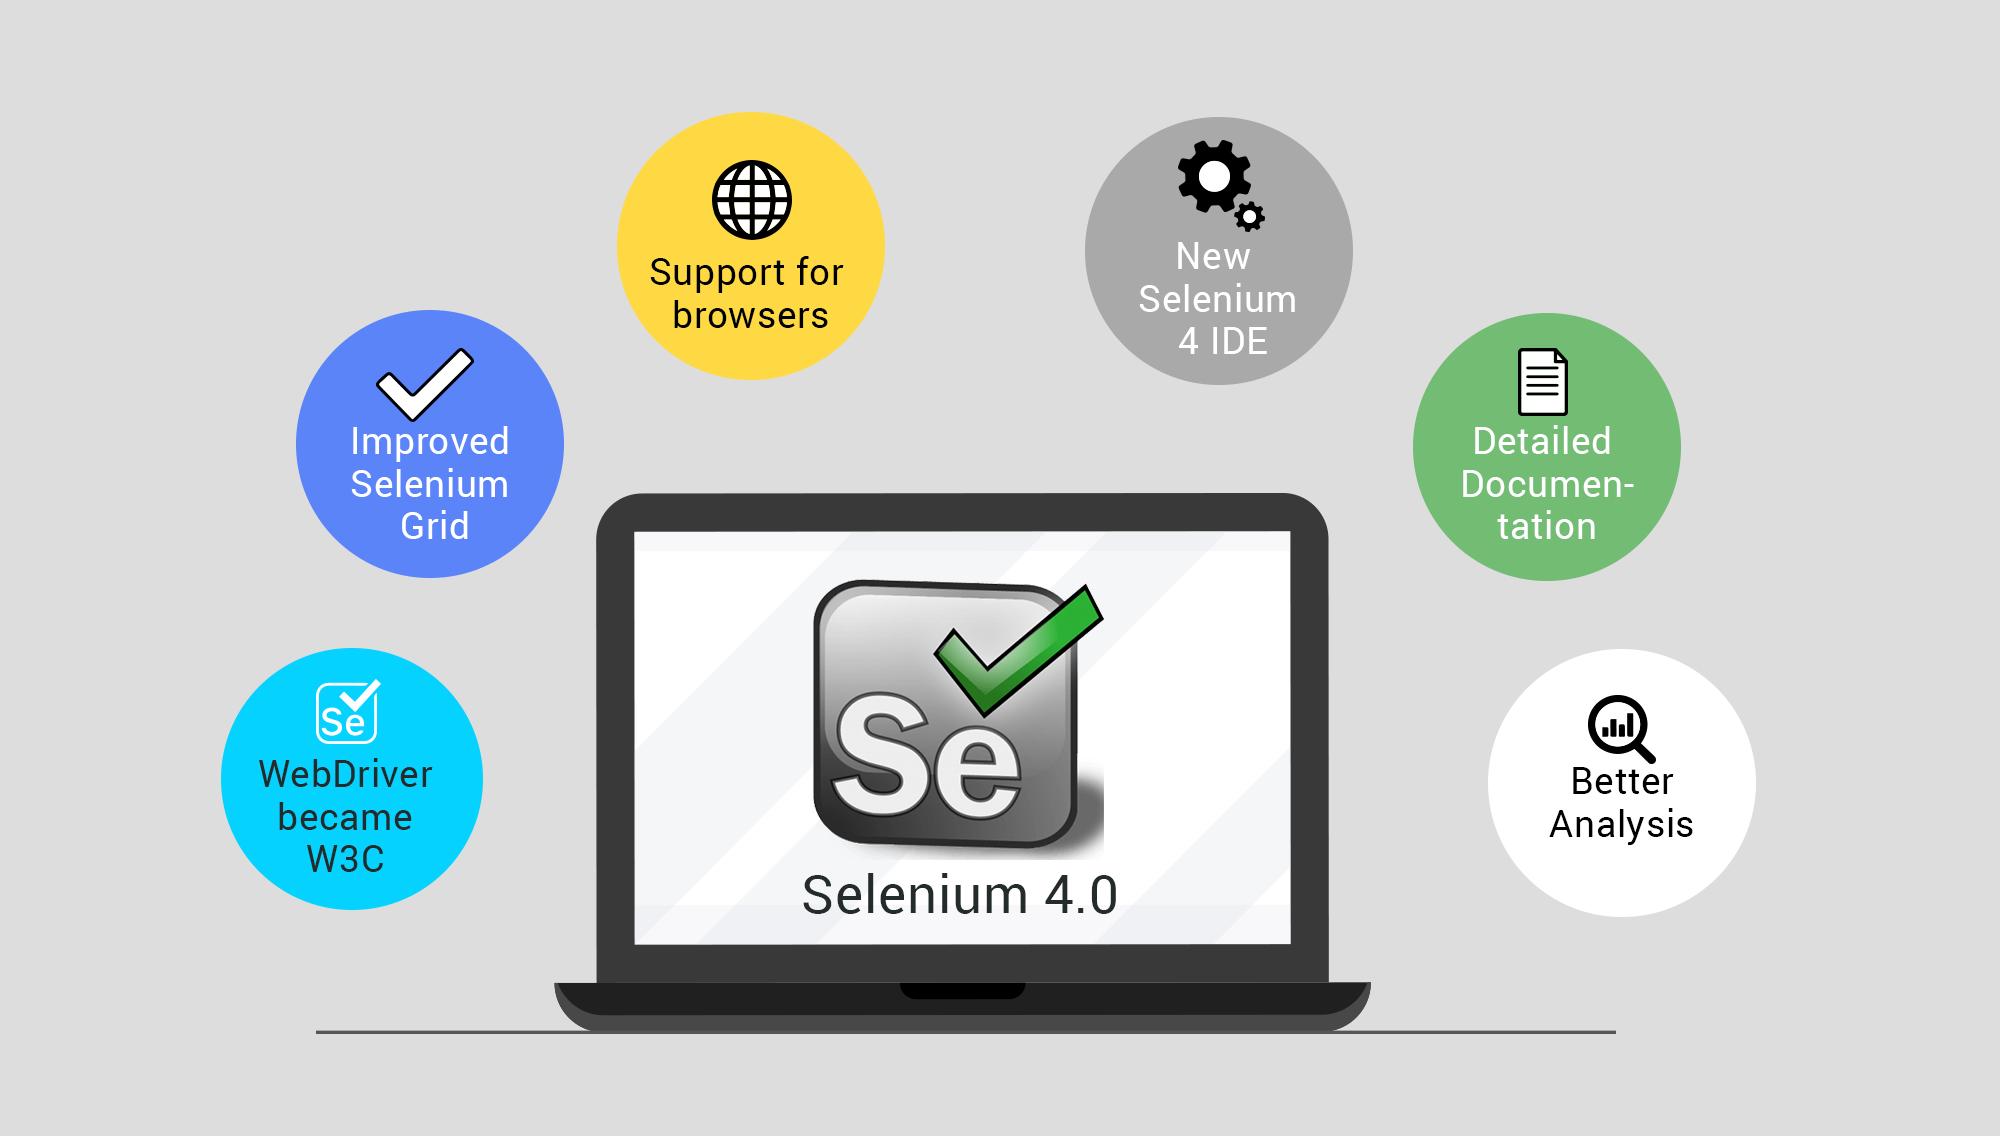 Cách lấy tiêu đề của trang web trong Selenium Webdriver